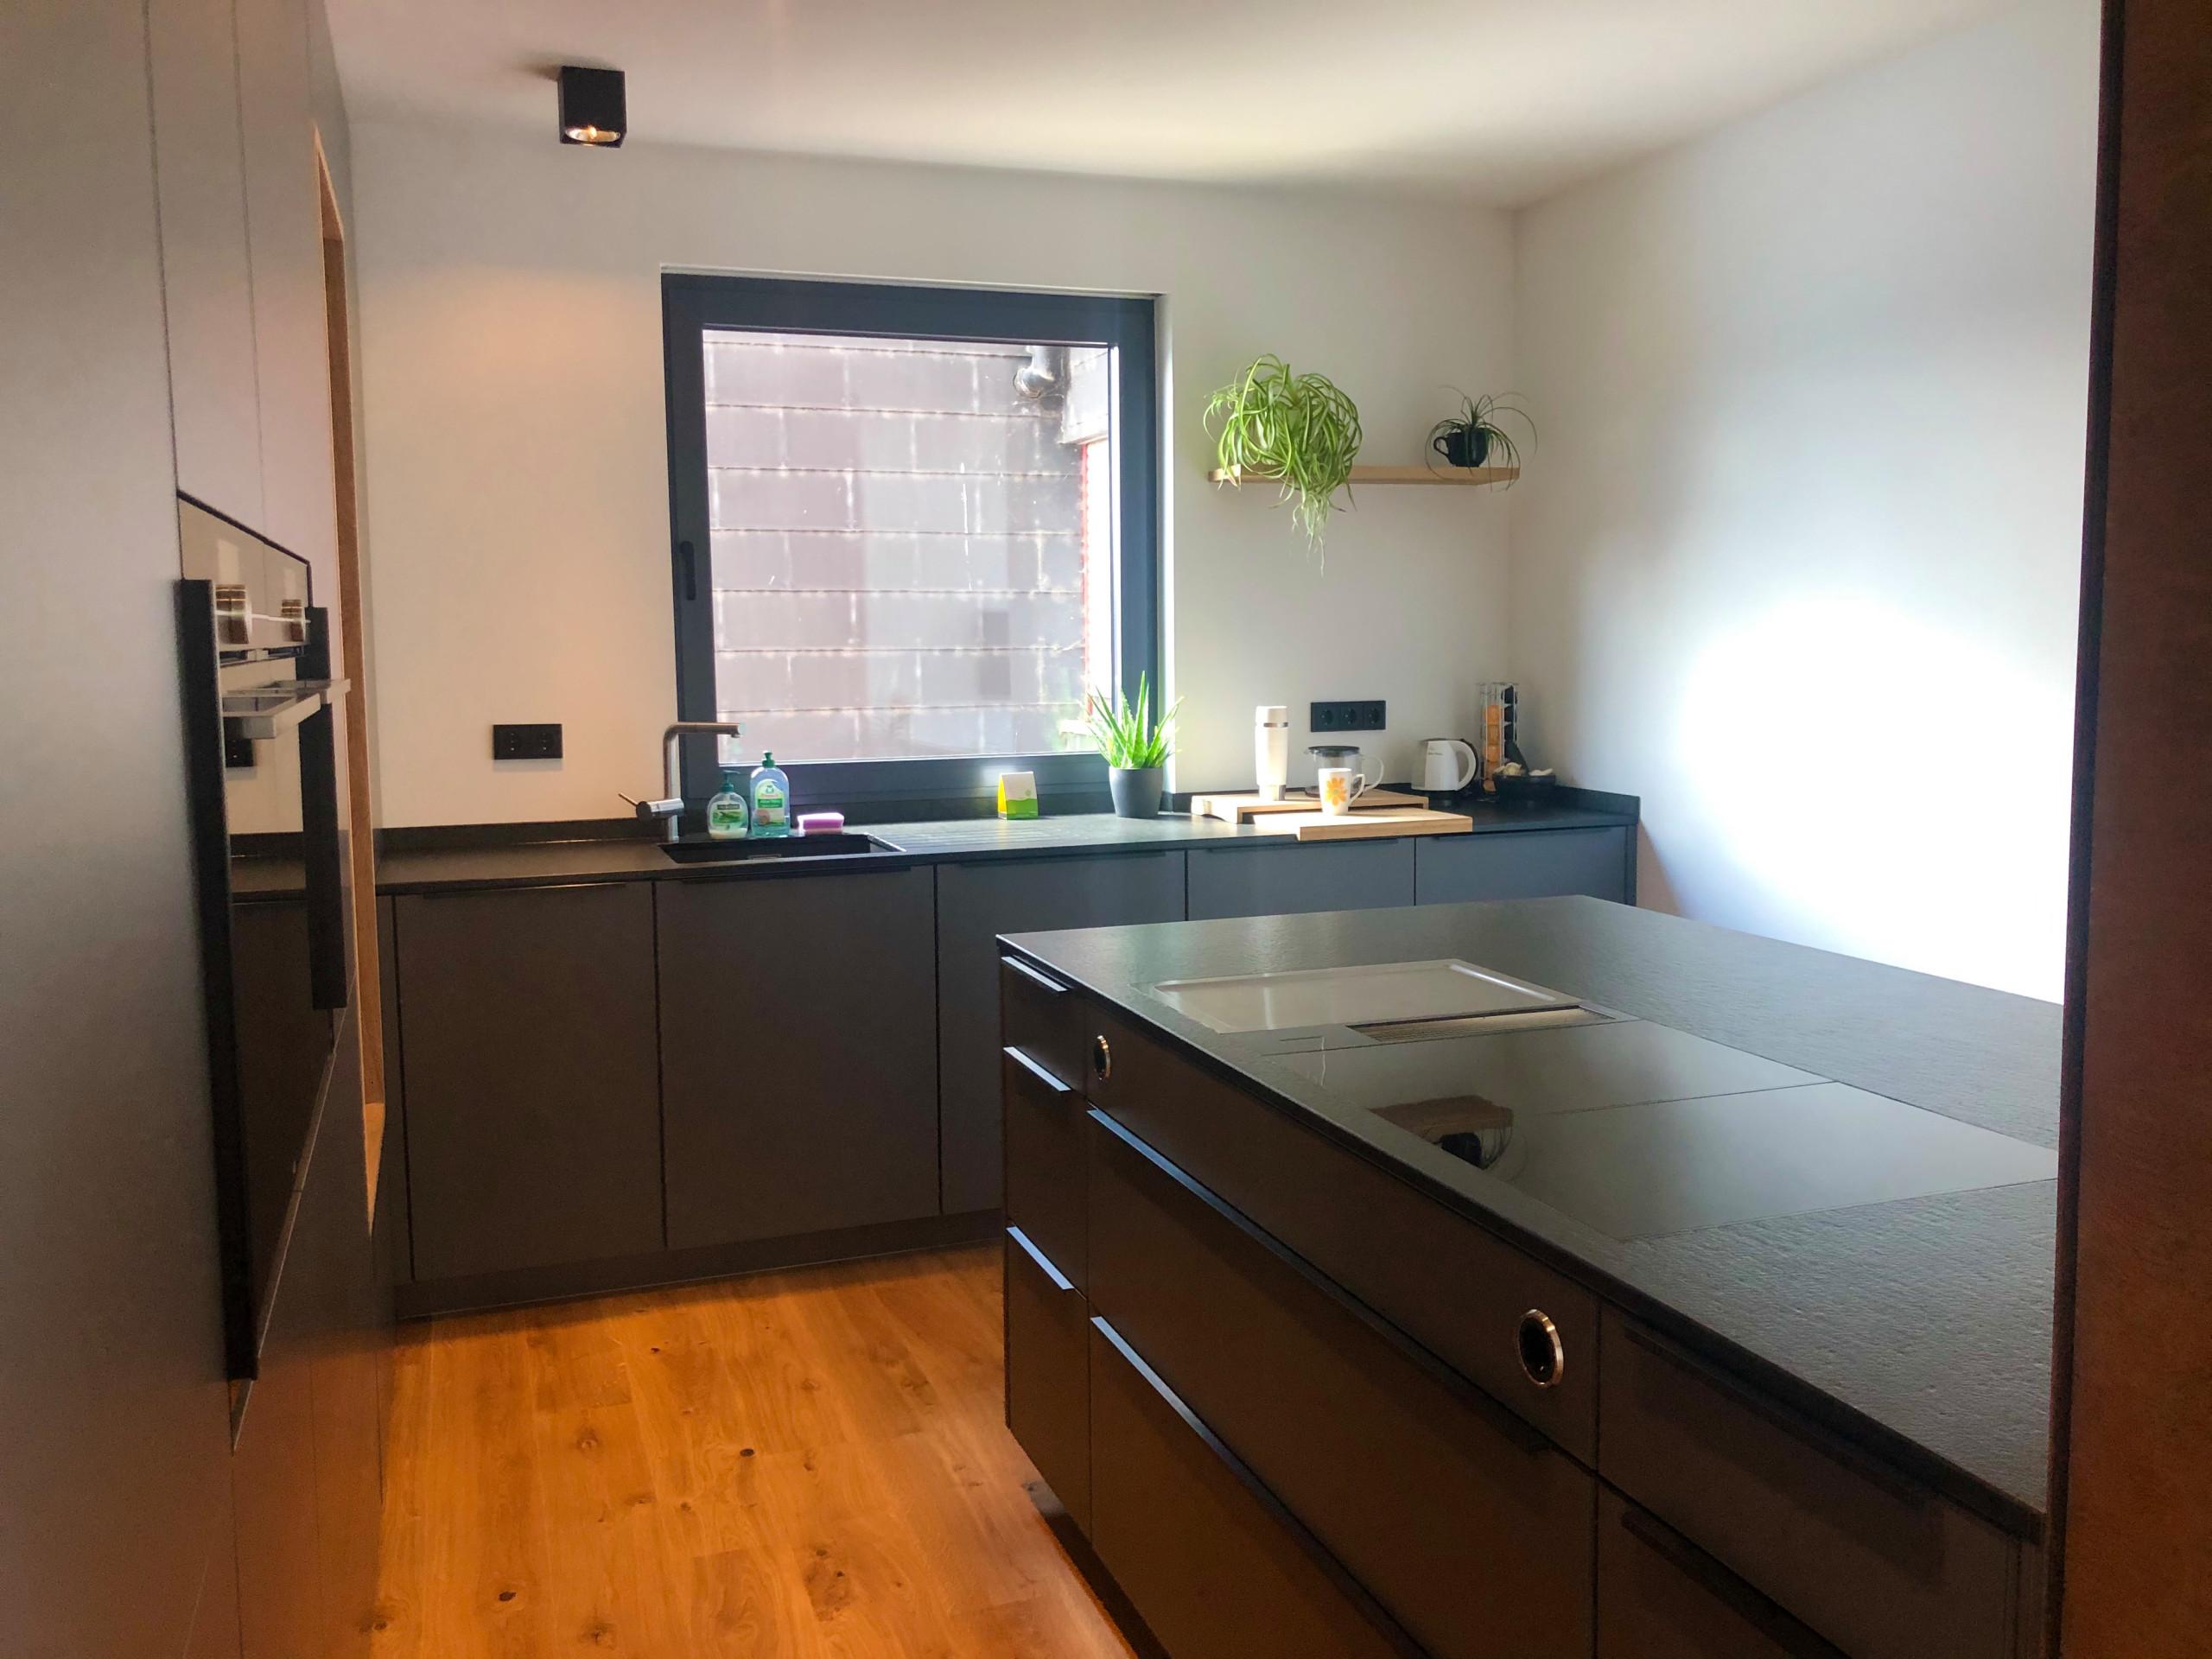 offene Küche im Wohnbereich | Project Siico